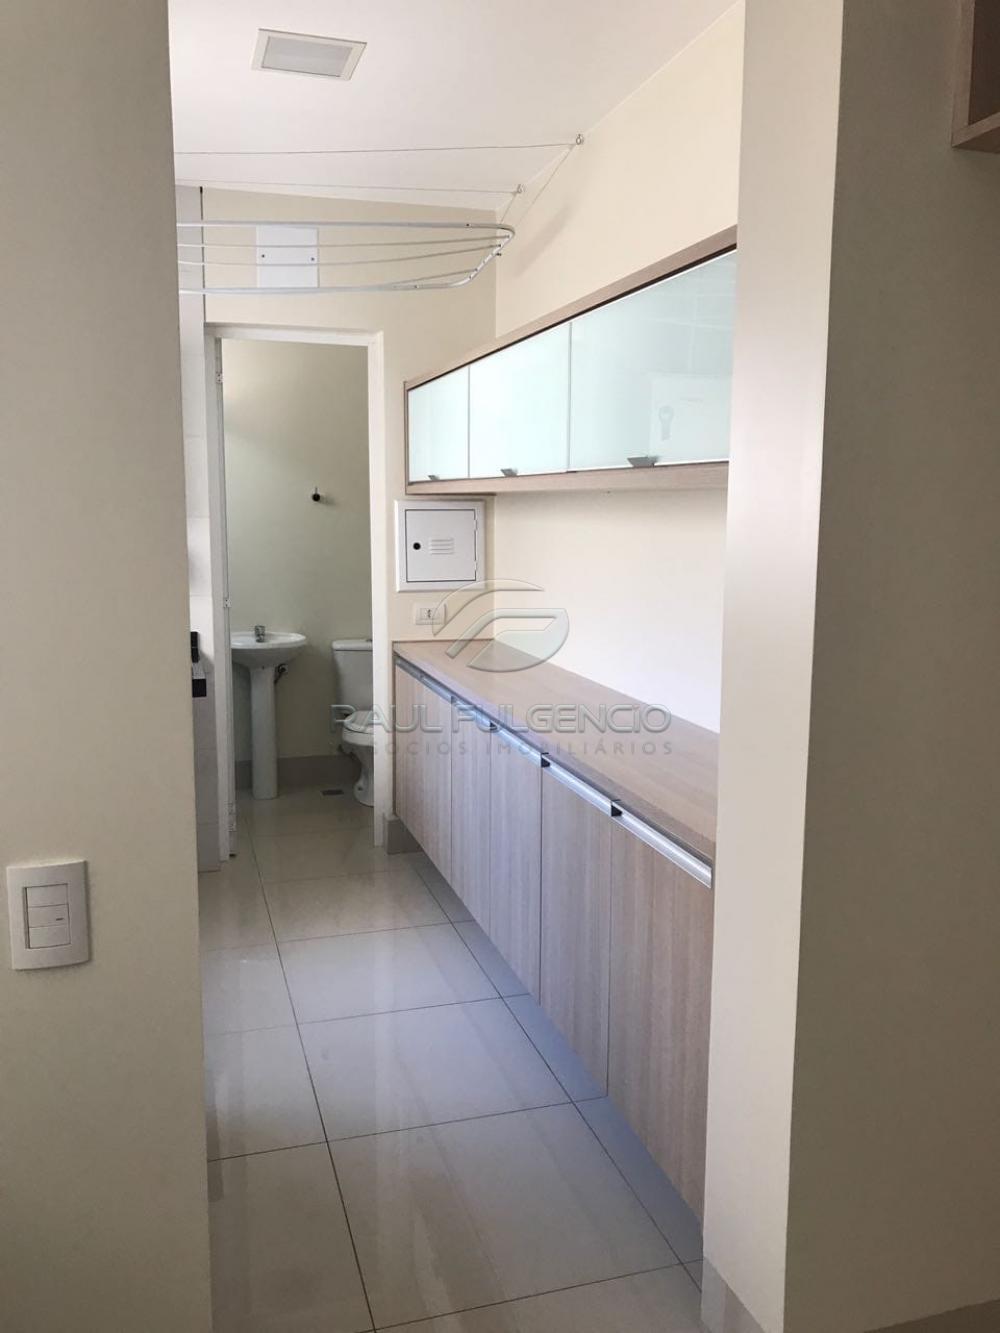 Alugar Apartamento / Padrão em Londrina apenas R$ 4.800,00 - Foto 12